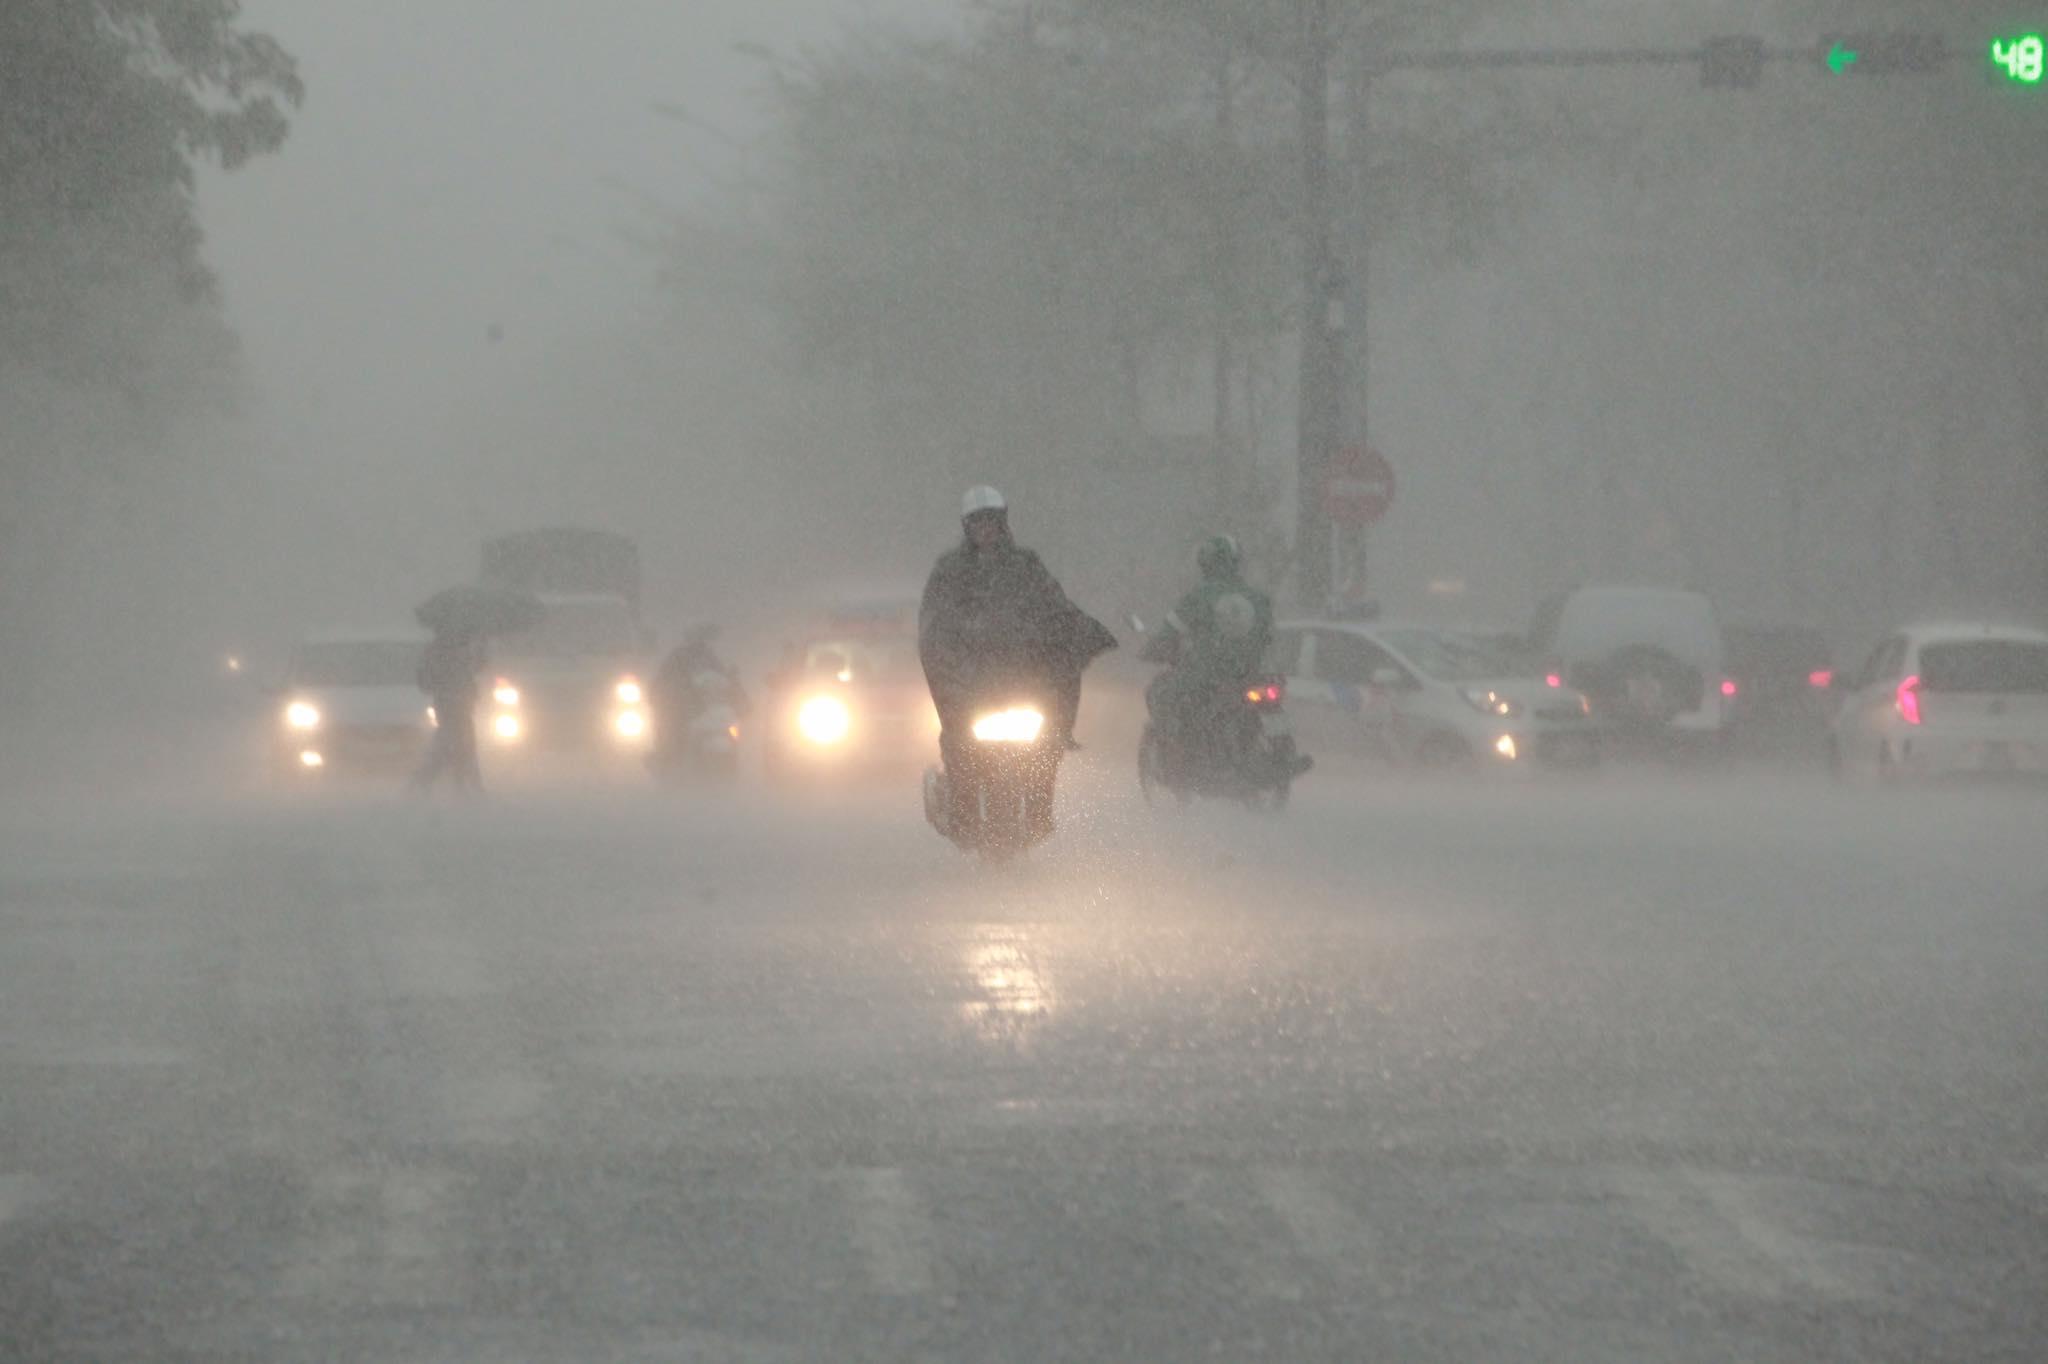 Bão số 1 thay đổi cường độ, miền Bắc lại sắp hứng đợt mưa to - hình ảnh 2